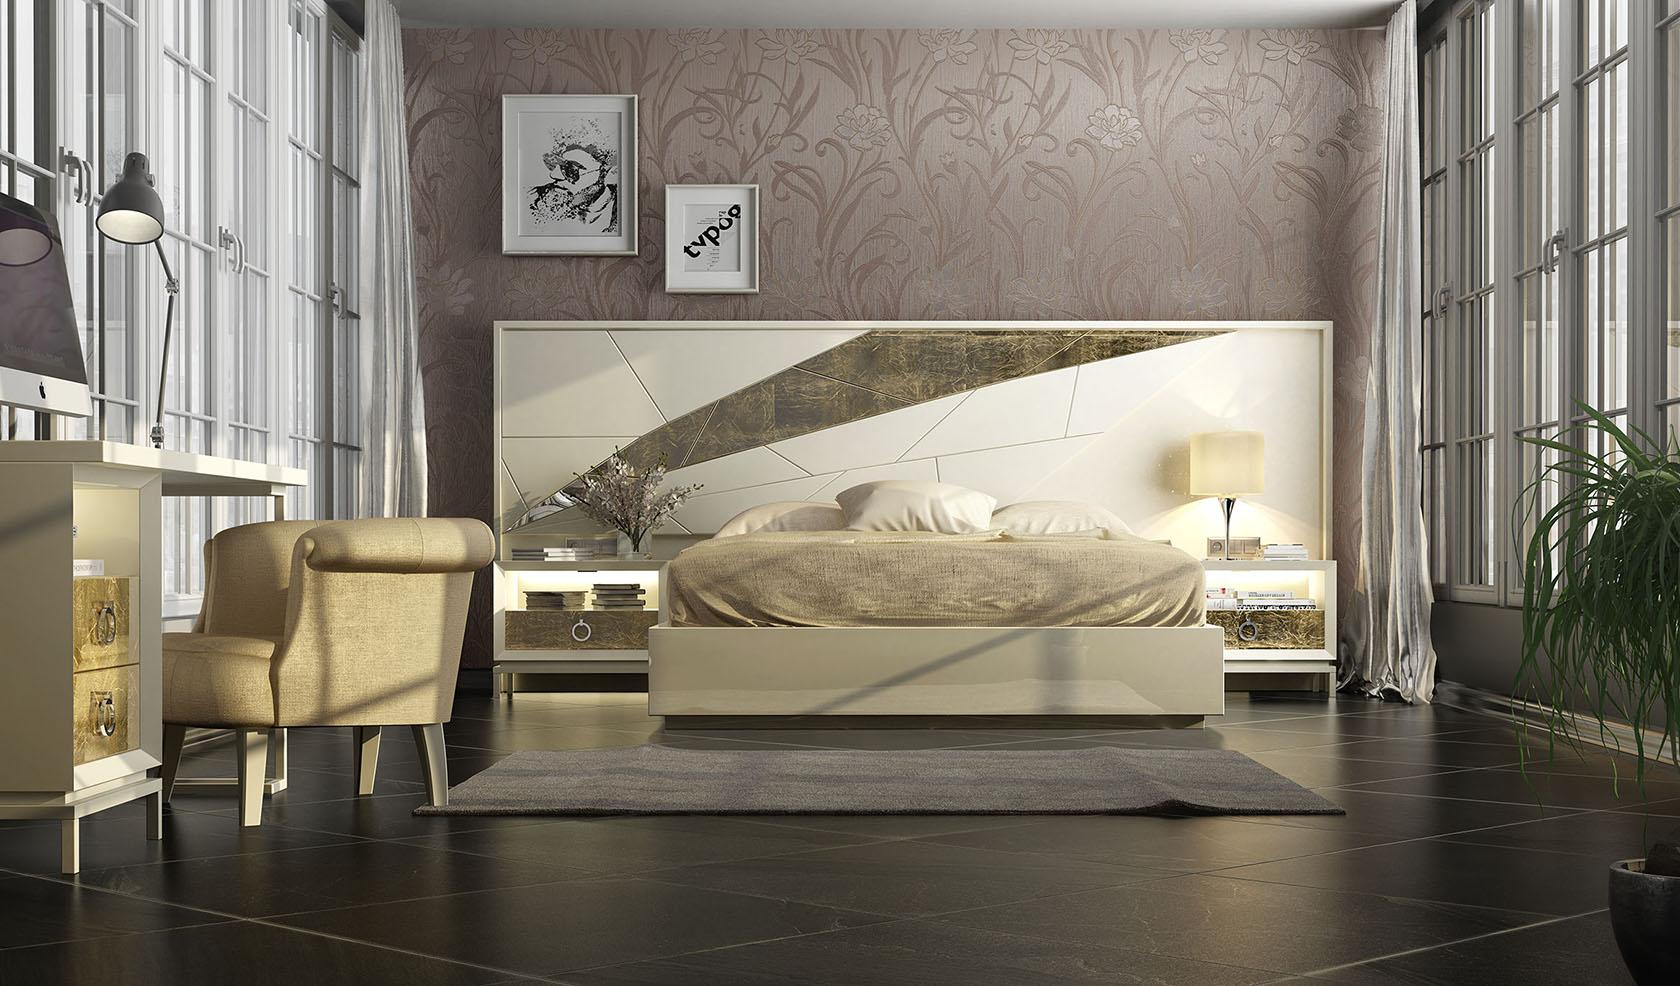 Dormitorios_Contempóraneos_(11)